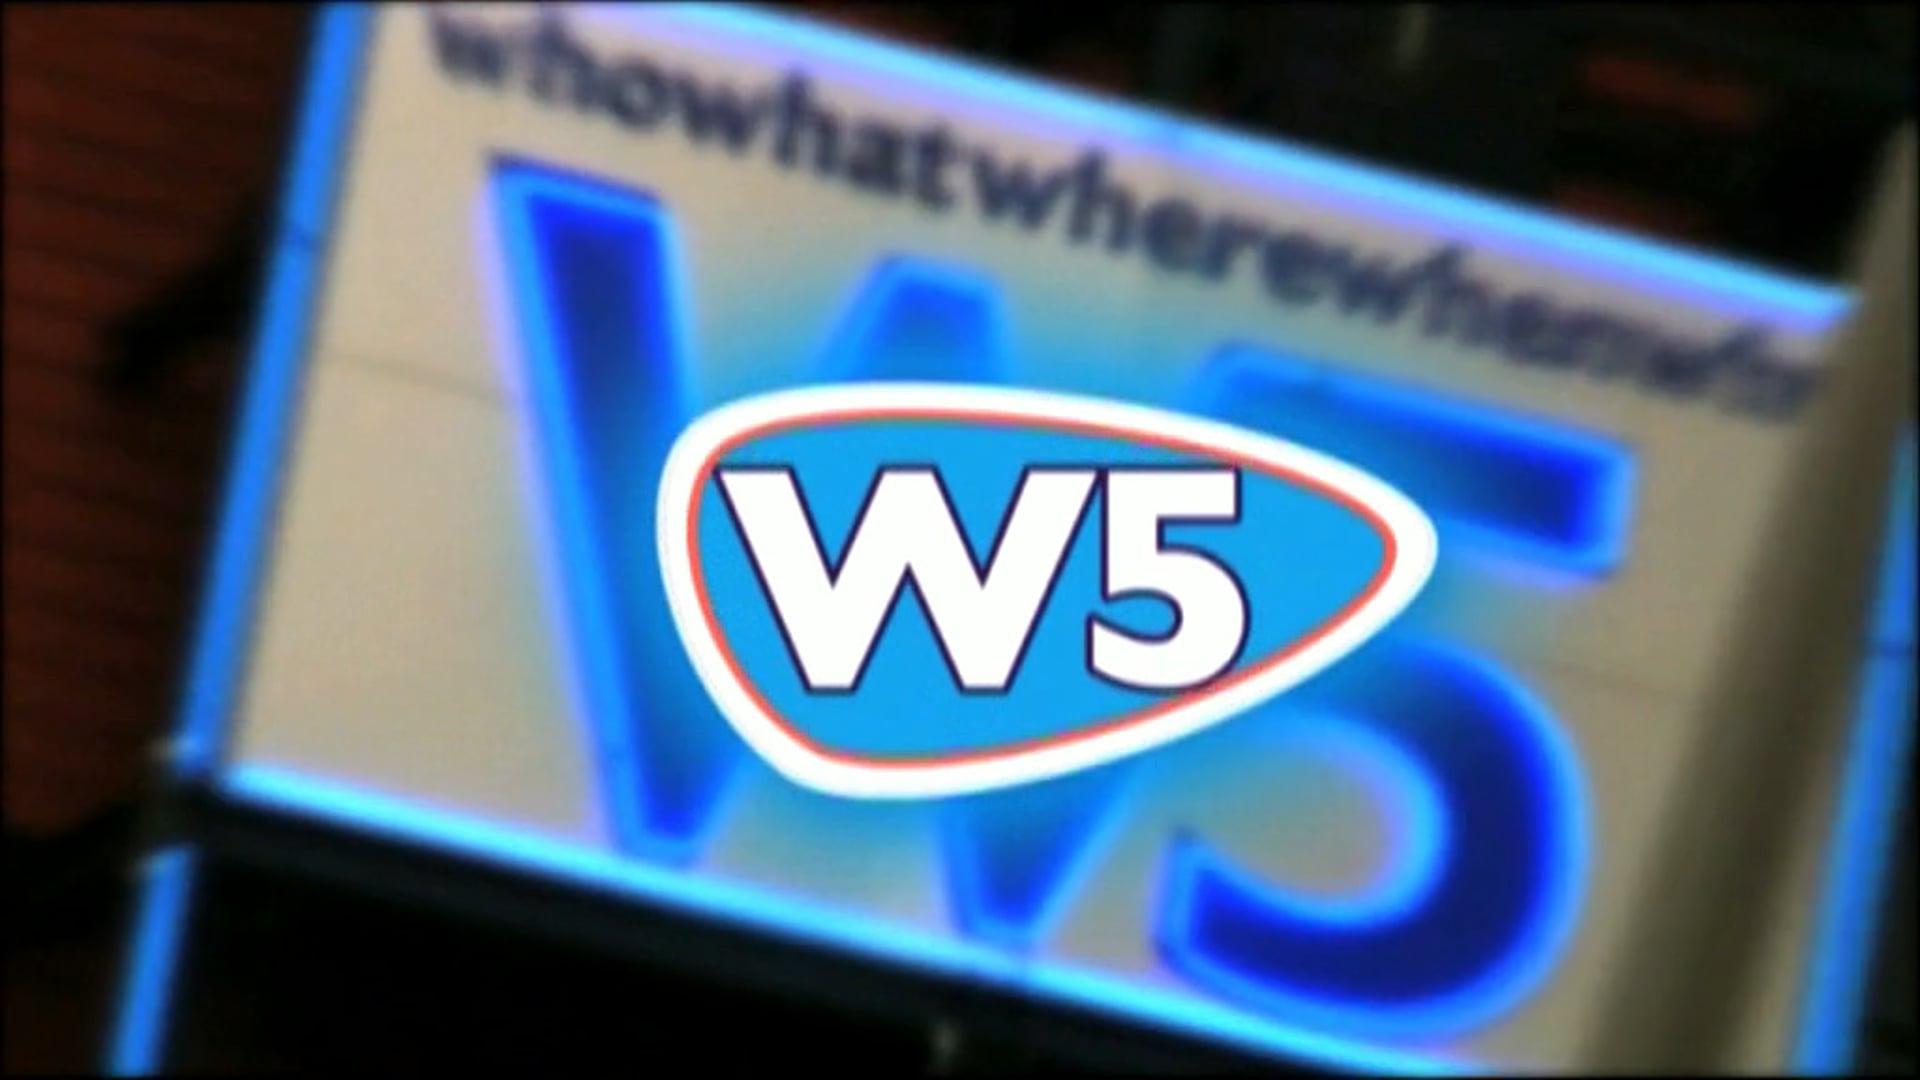 W5 TV AD